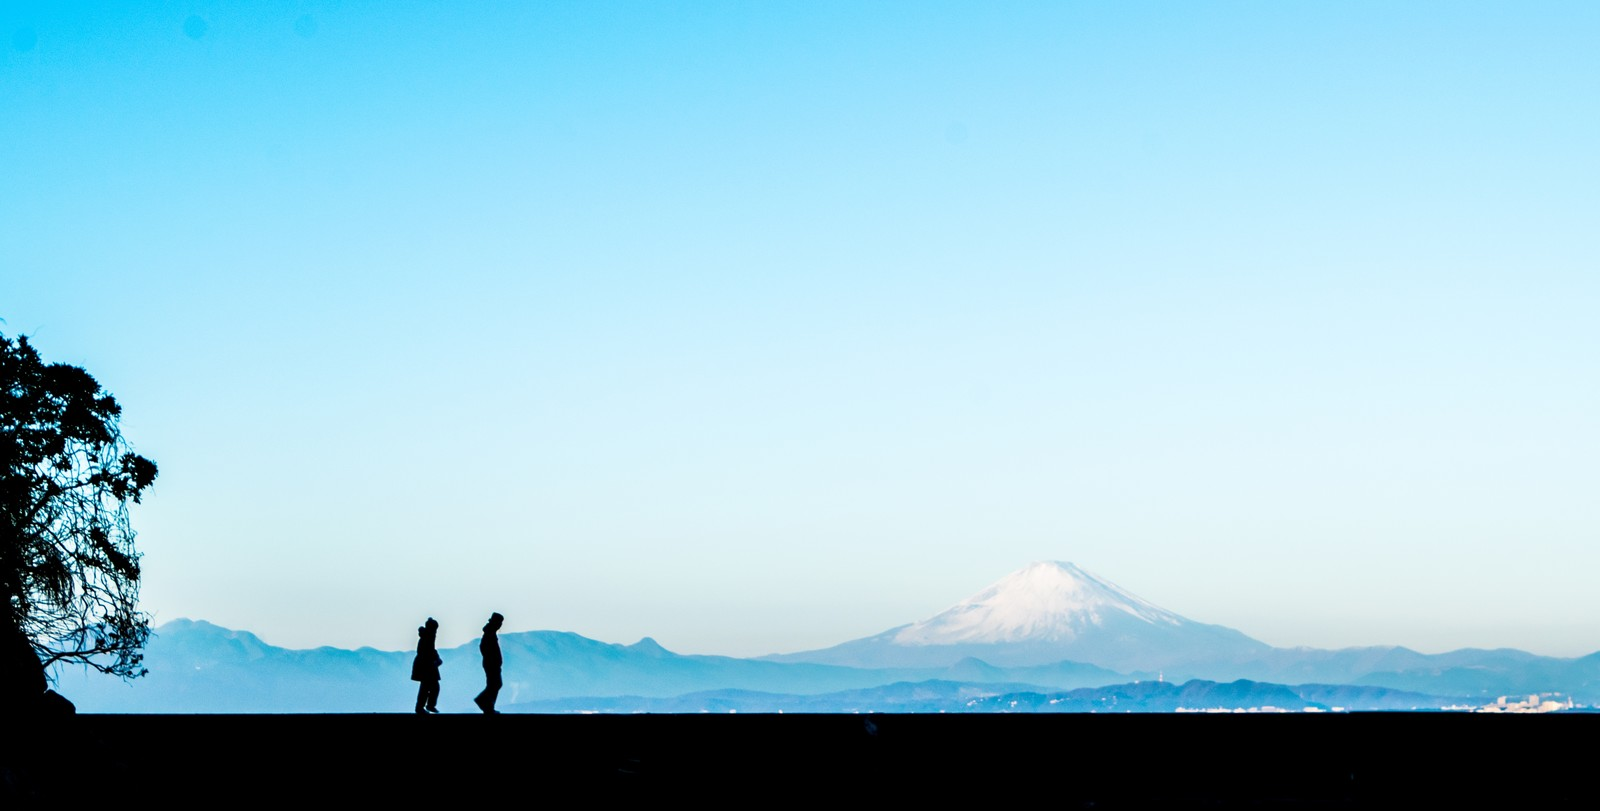 「富士山をバックに散歩する二人の男女(シルエット)」の写真